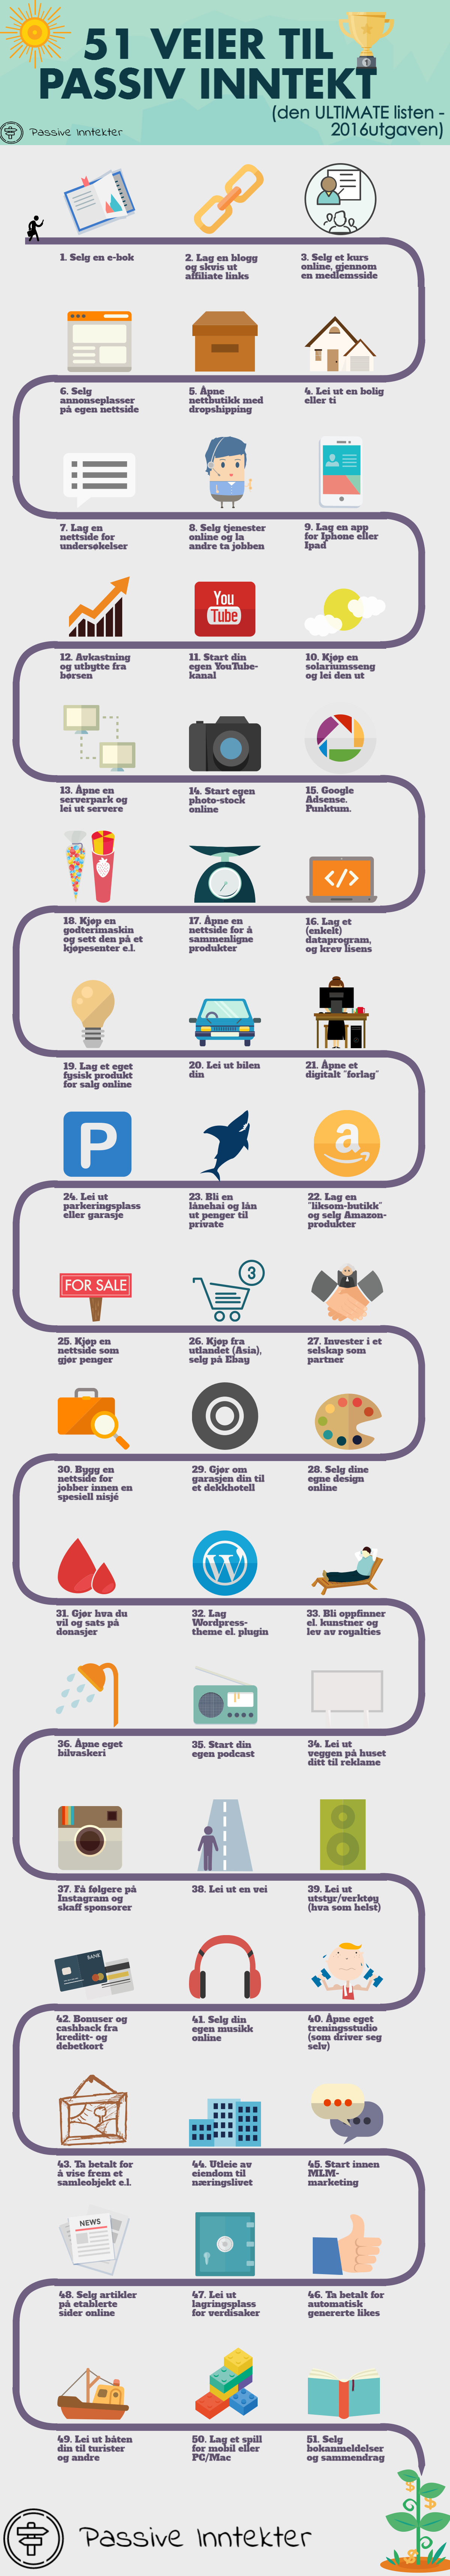 51 veier til passiv inntekt infographic